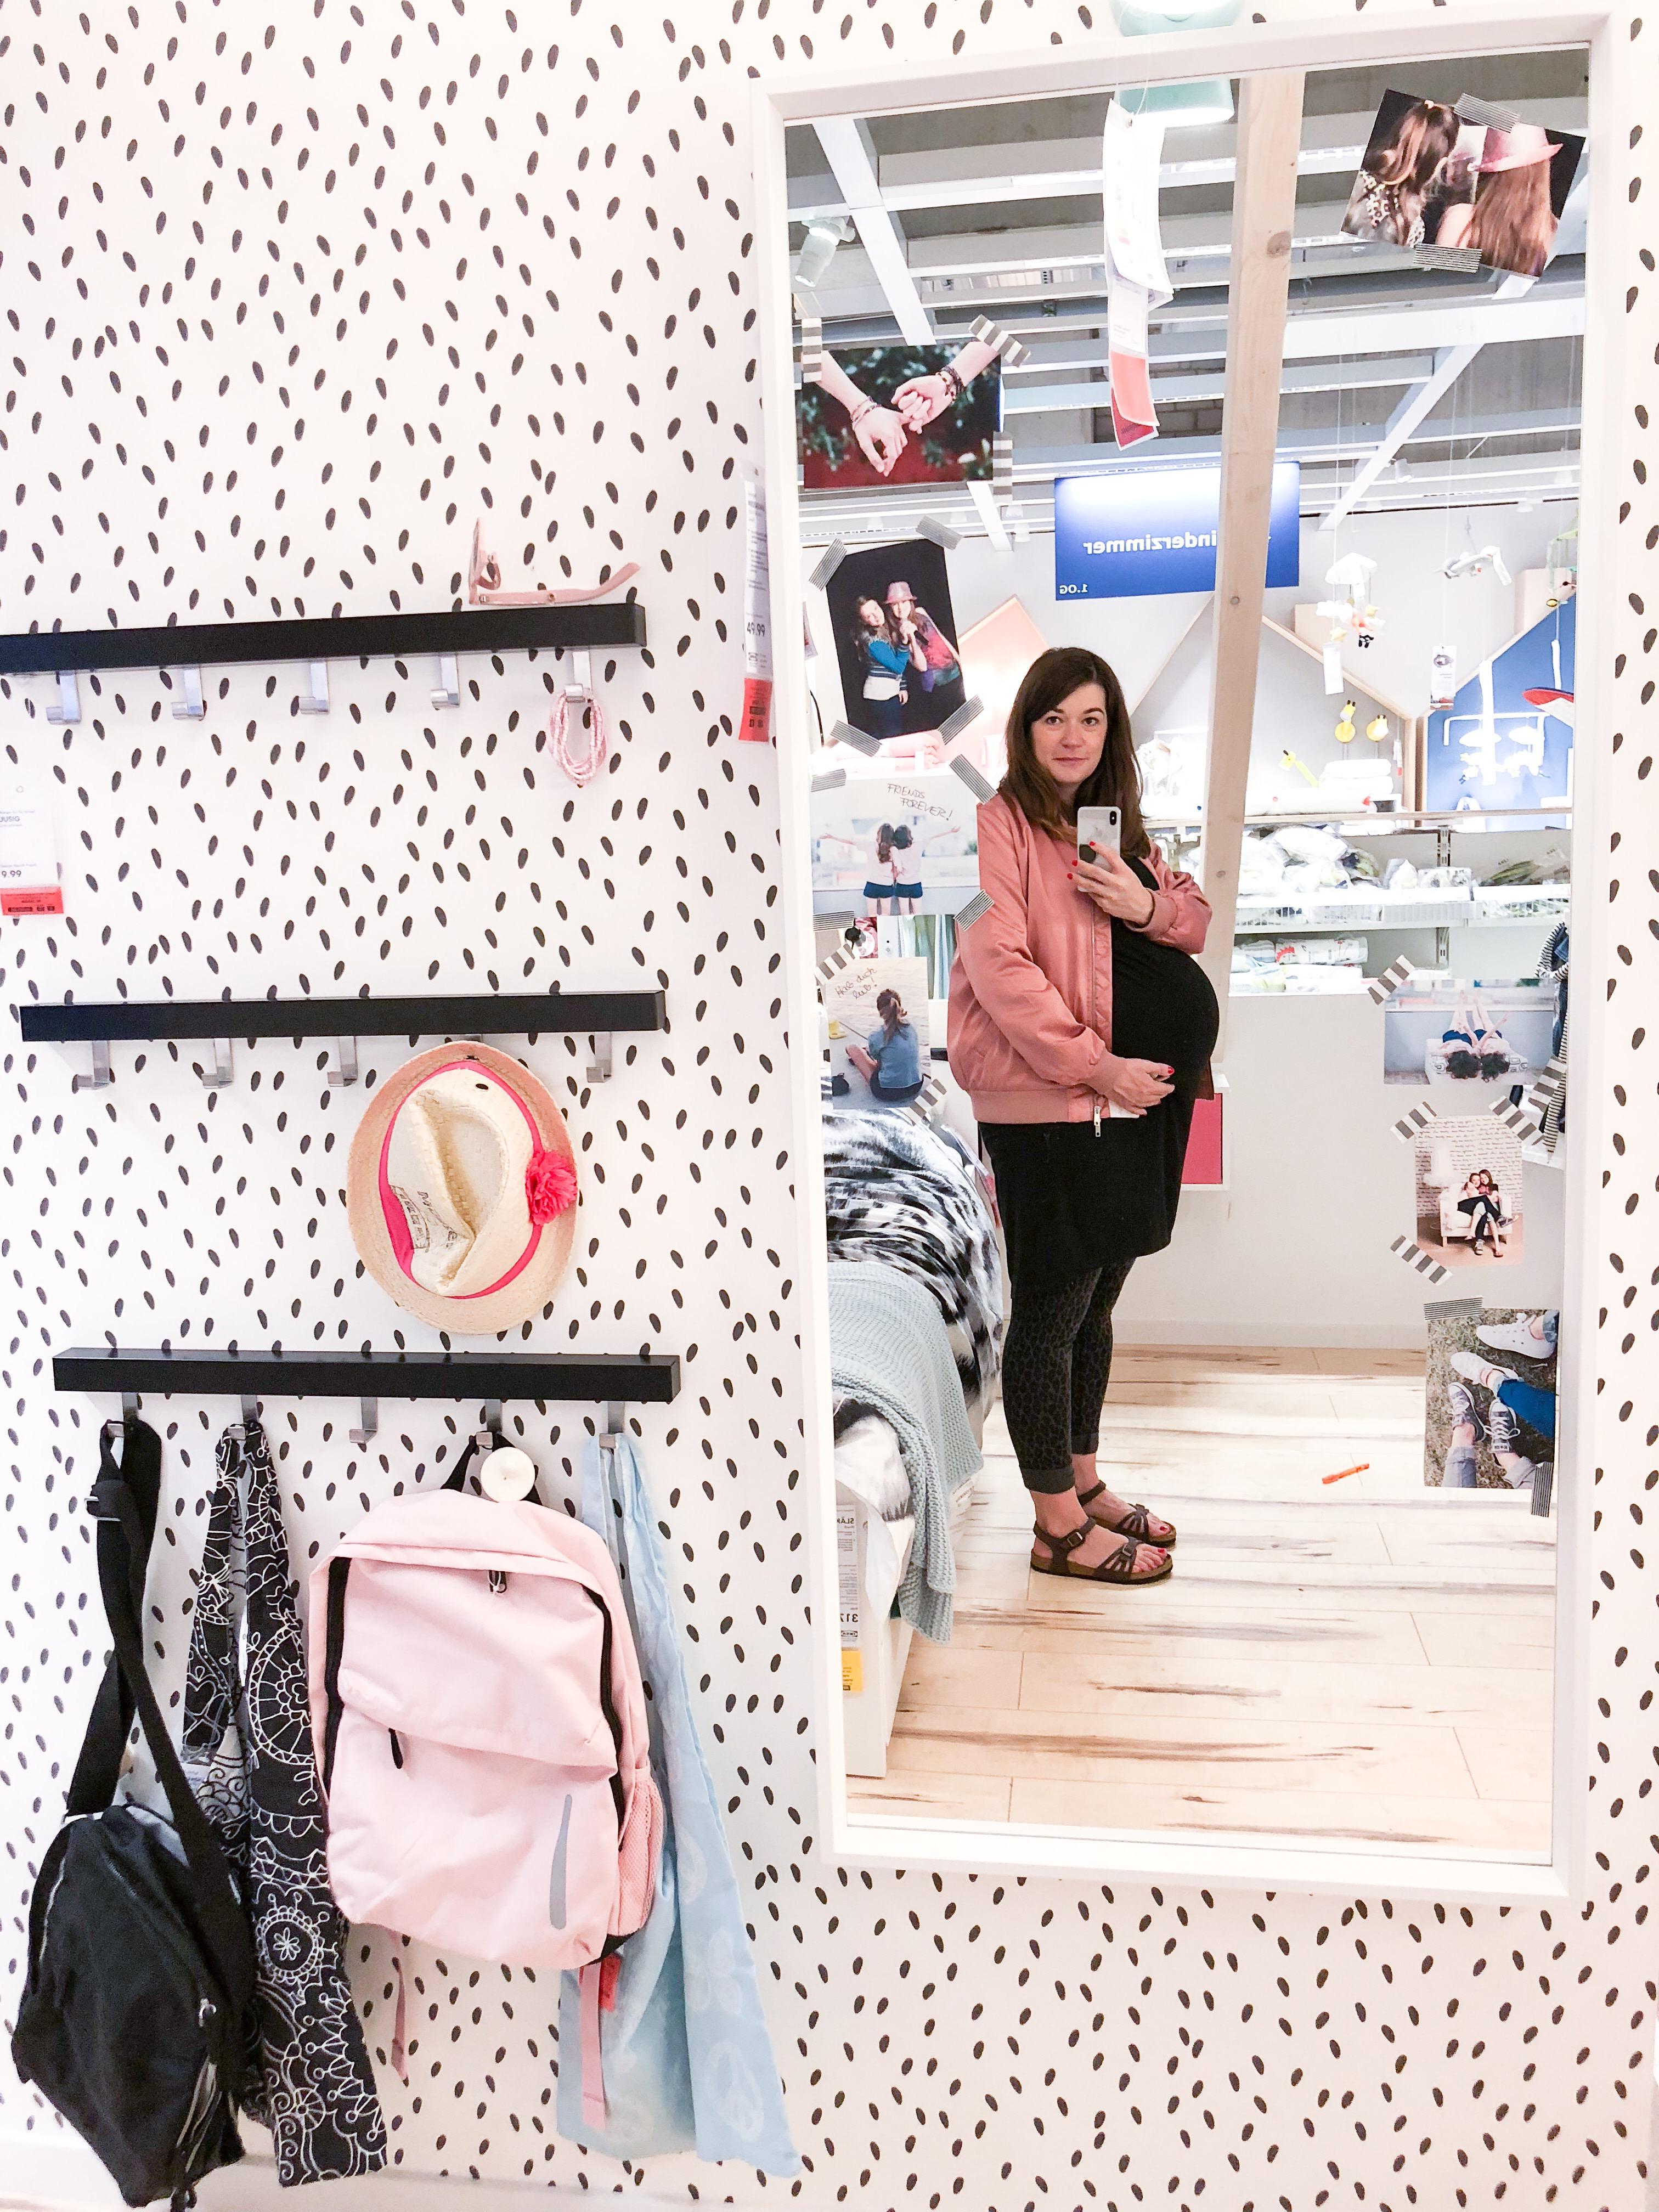 Tapete im PinkepankStyle bei Ikea und 40 Wochen Babybauch im Spiegel